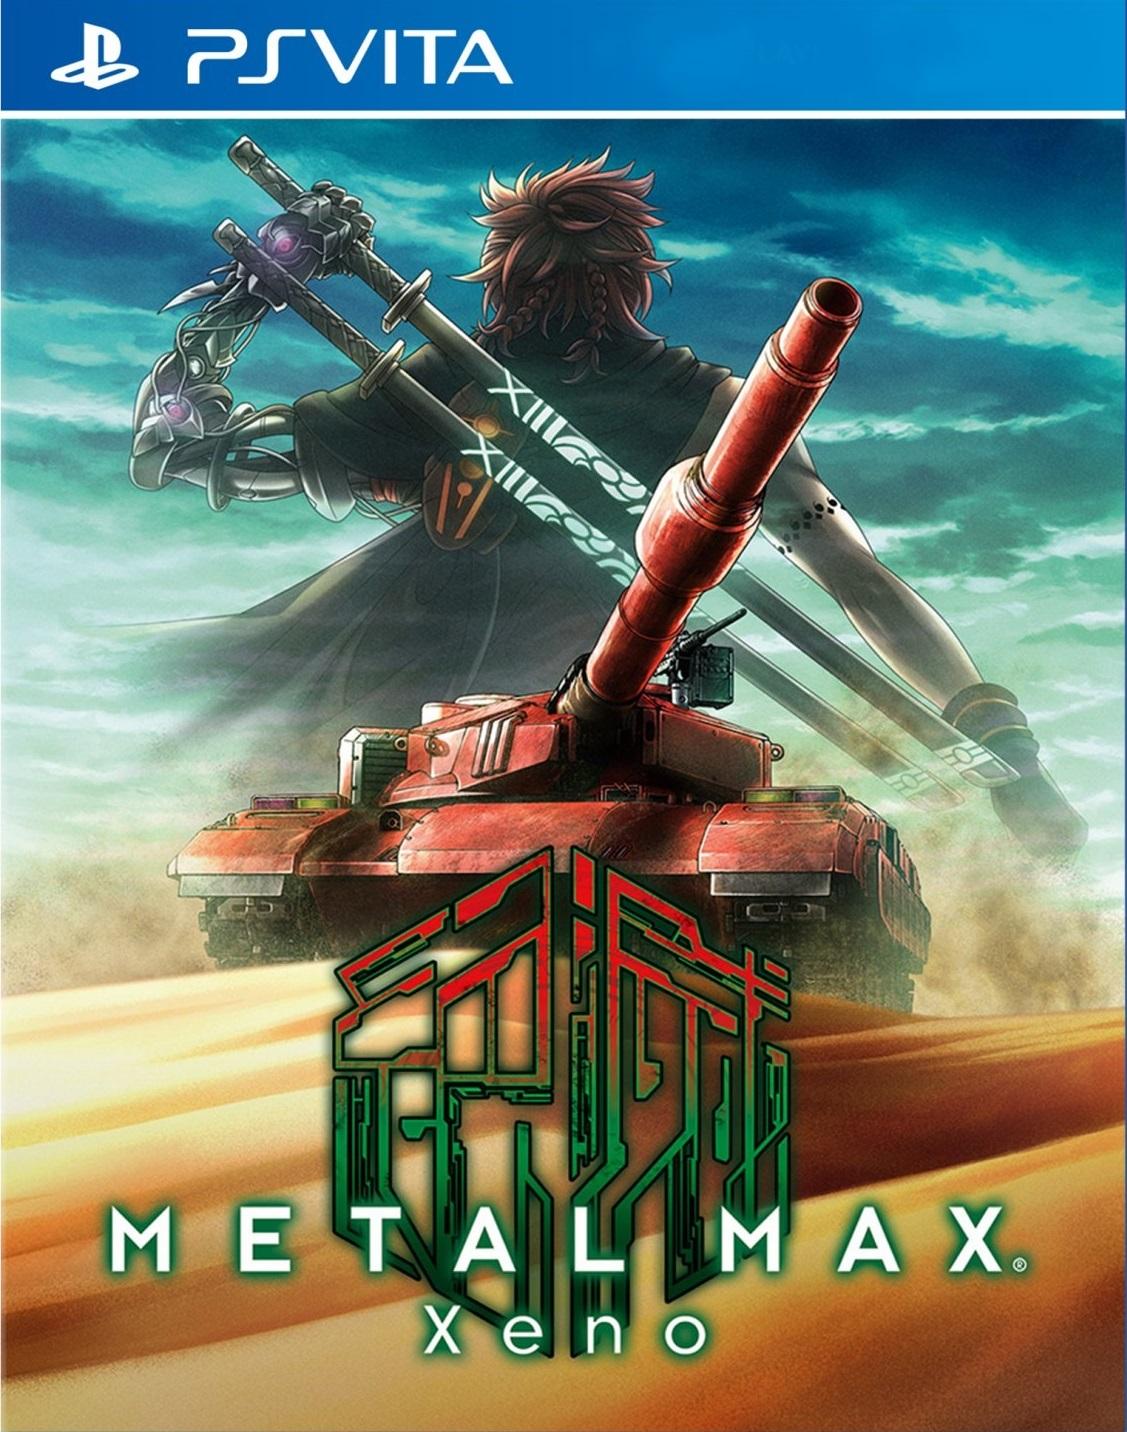 metal-max-xeno-chinese-subs-552065.8.jpg